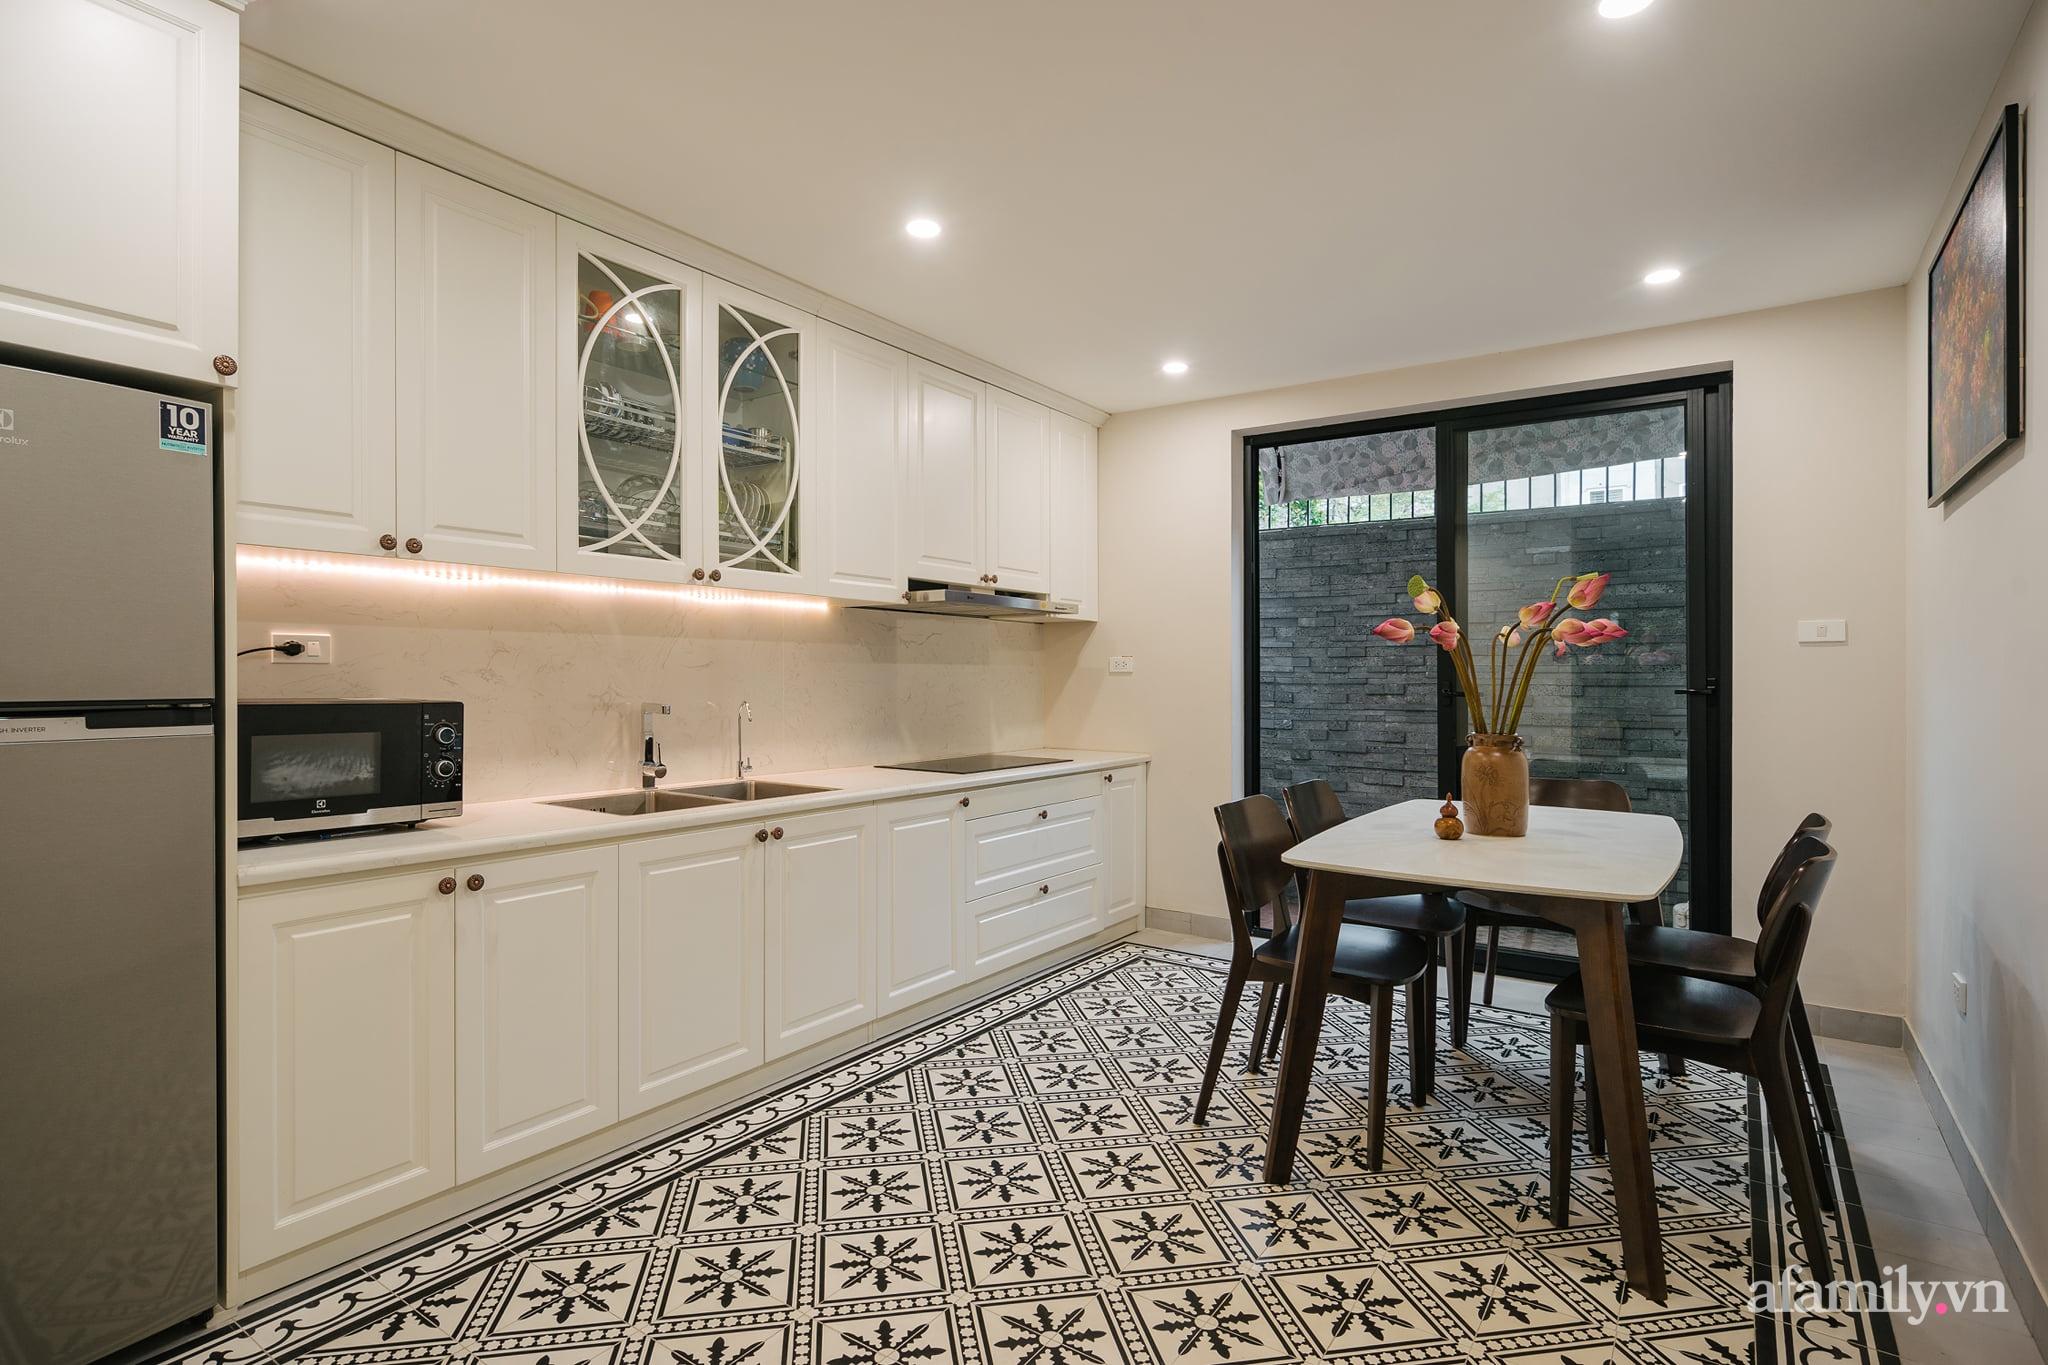 Căn nhà của miền ký ức được xây dựng từ lòng hiếu thảo của con trai dành cho bố mẹ ở Long Biên, Hà Nội - Ảnh 13.